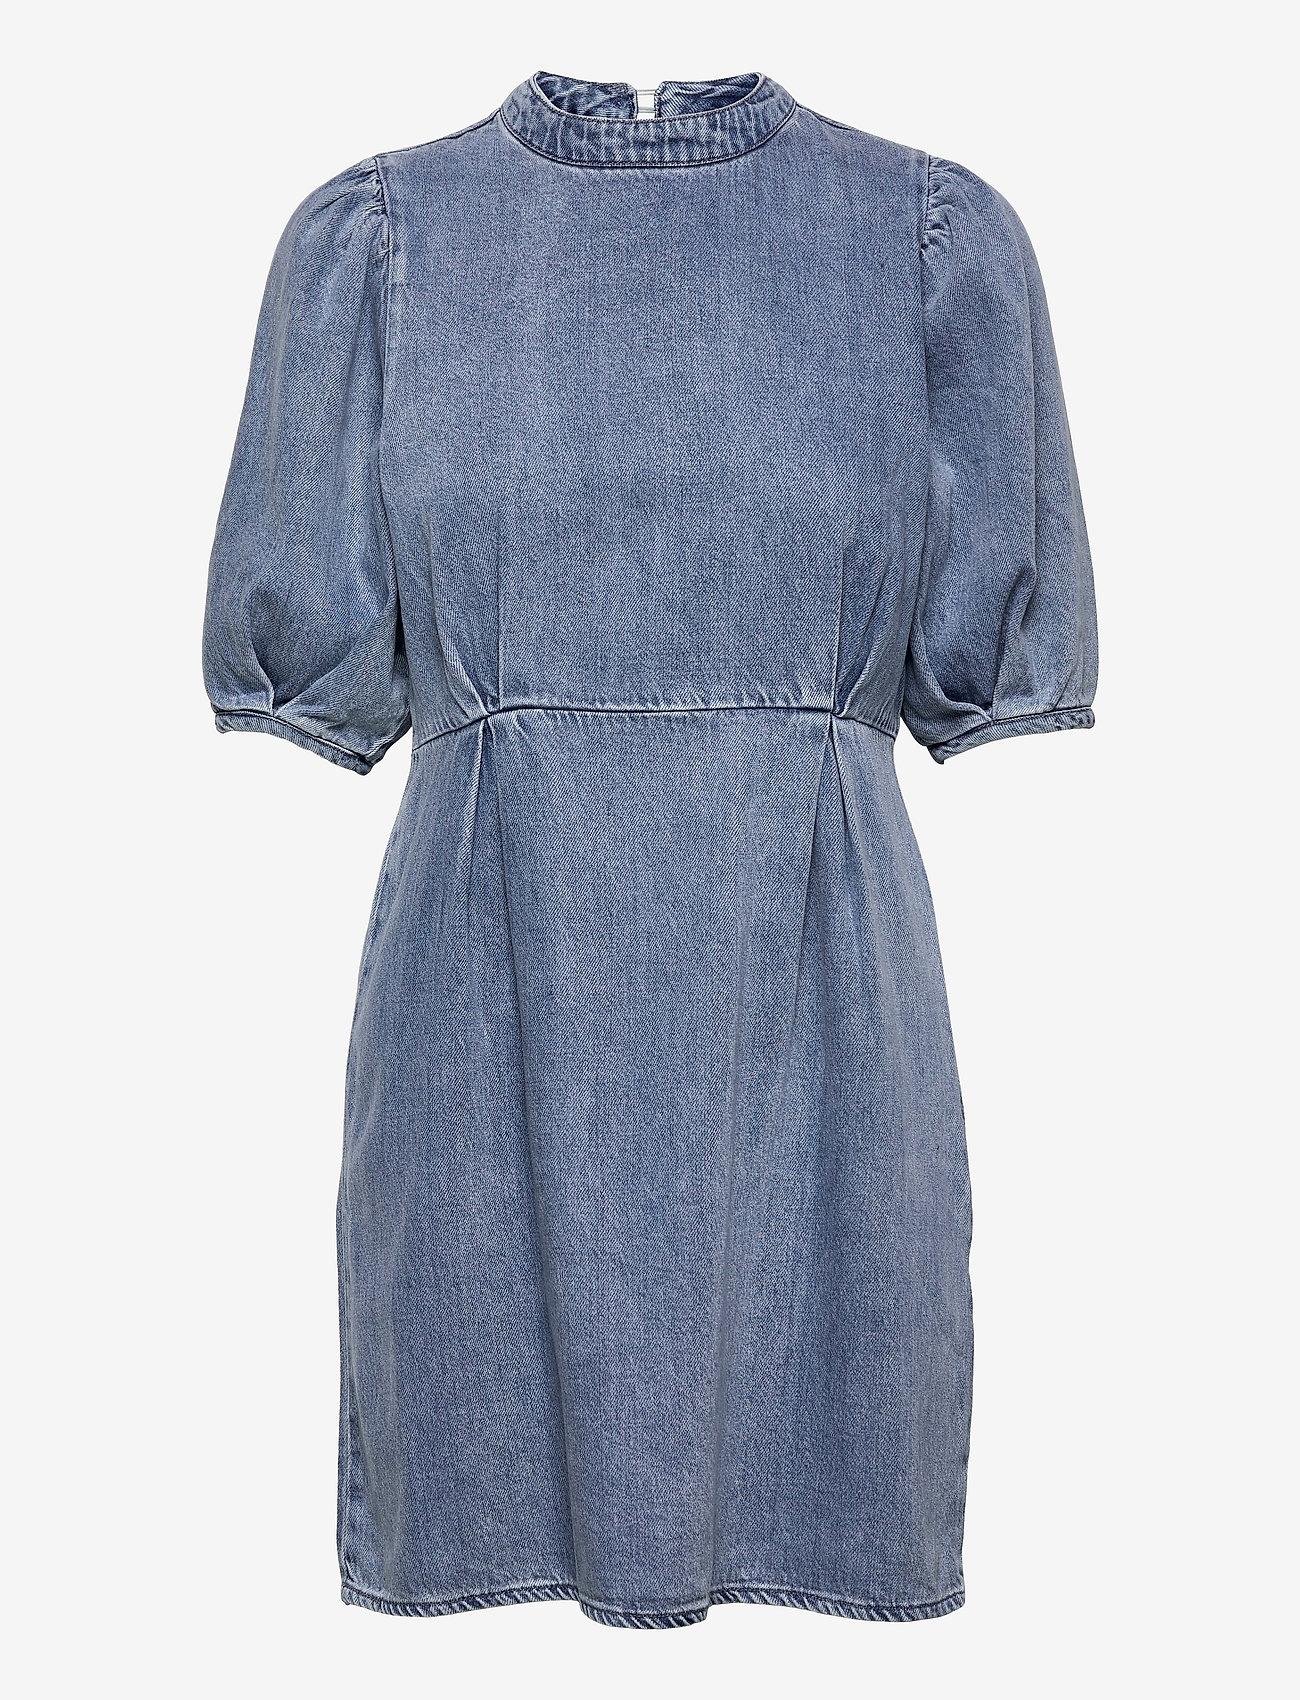 Vero Moda - VMBERTA 2/4 SHORT DENIM DRESS VMA - sommarklänningar - light blue denim - 0